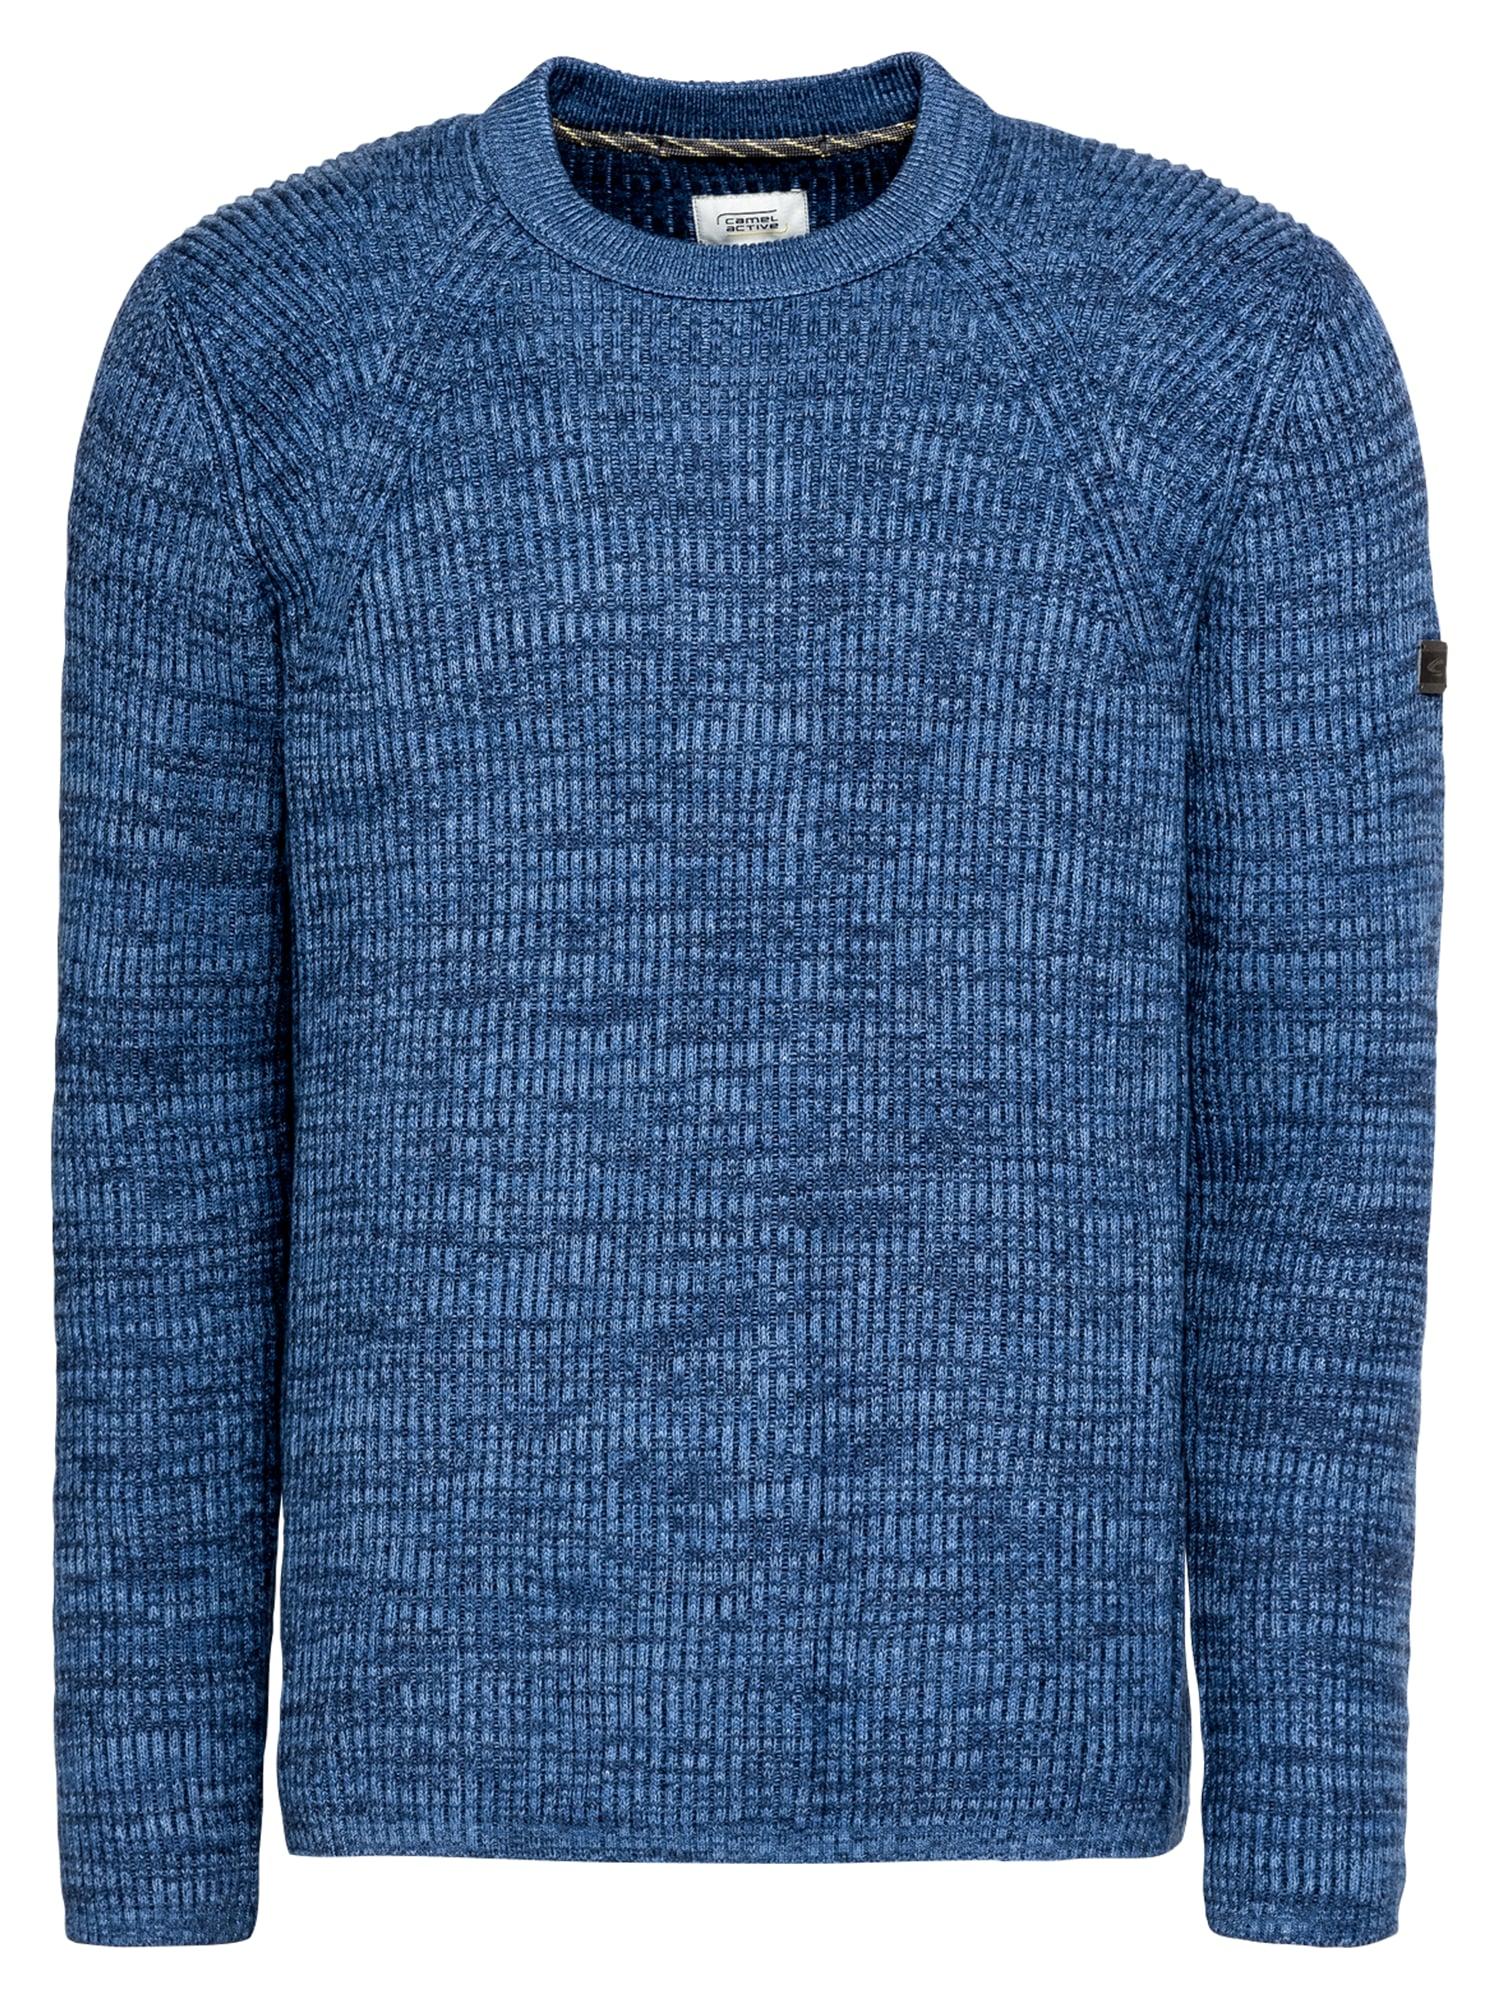 CAMEL ACTIVE Megztinis nakties mėlyna